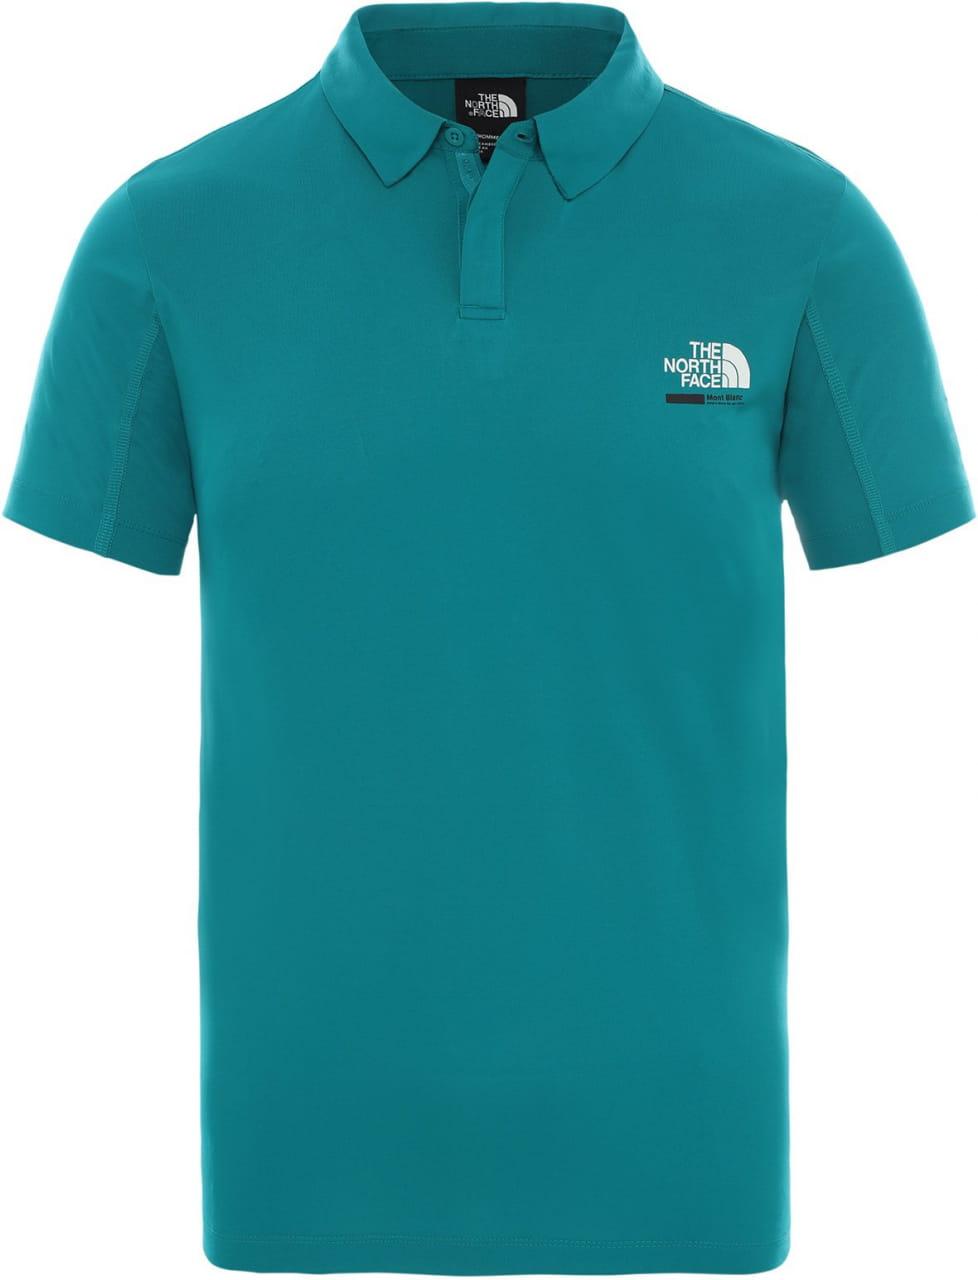 Hemden The North Face Men's Glacier Polo Shirt